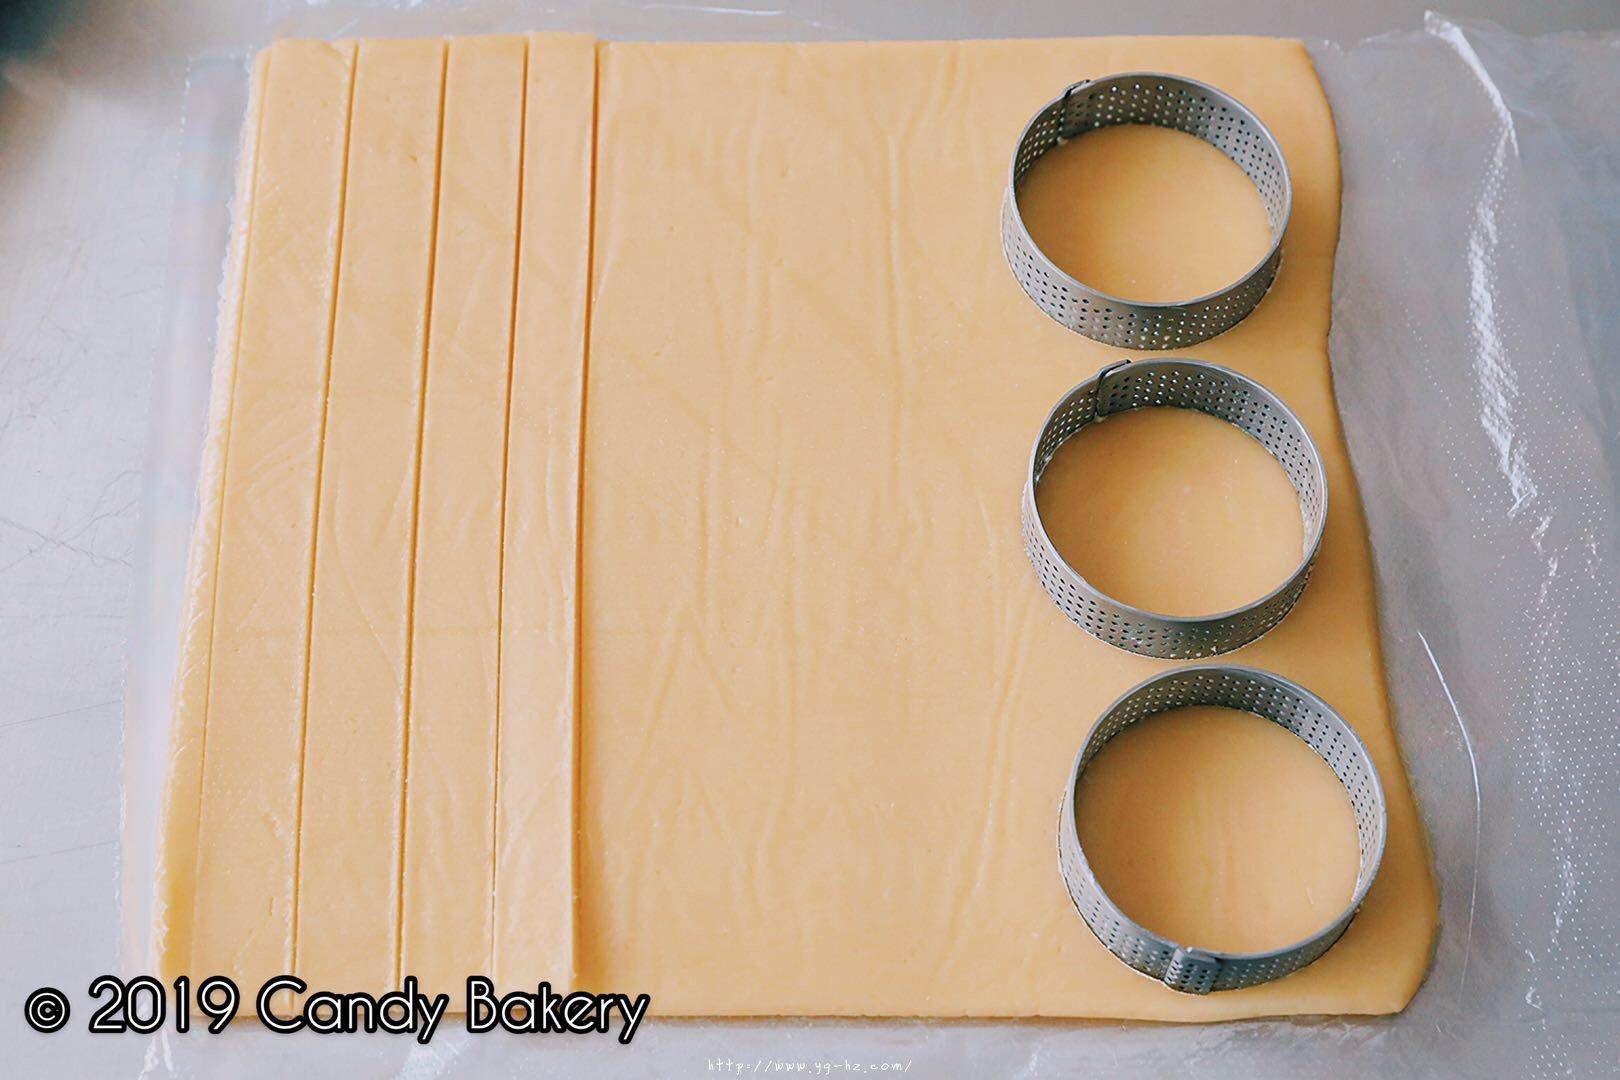 法式柠檬挞~夏日清爽法式甜点的做法 步骤4